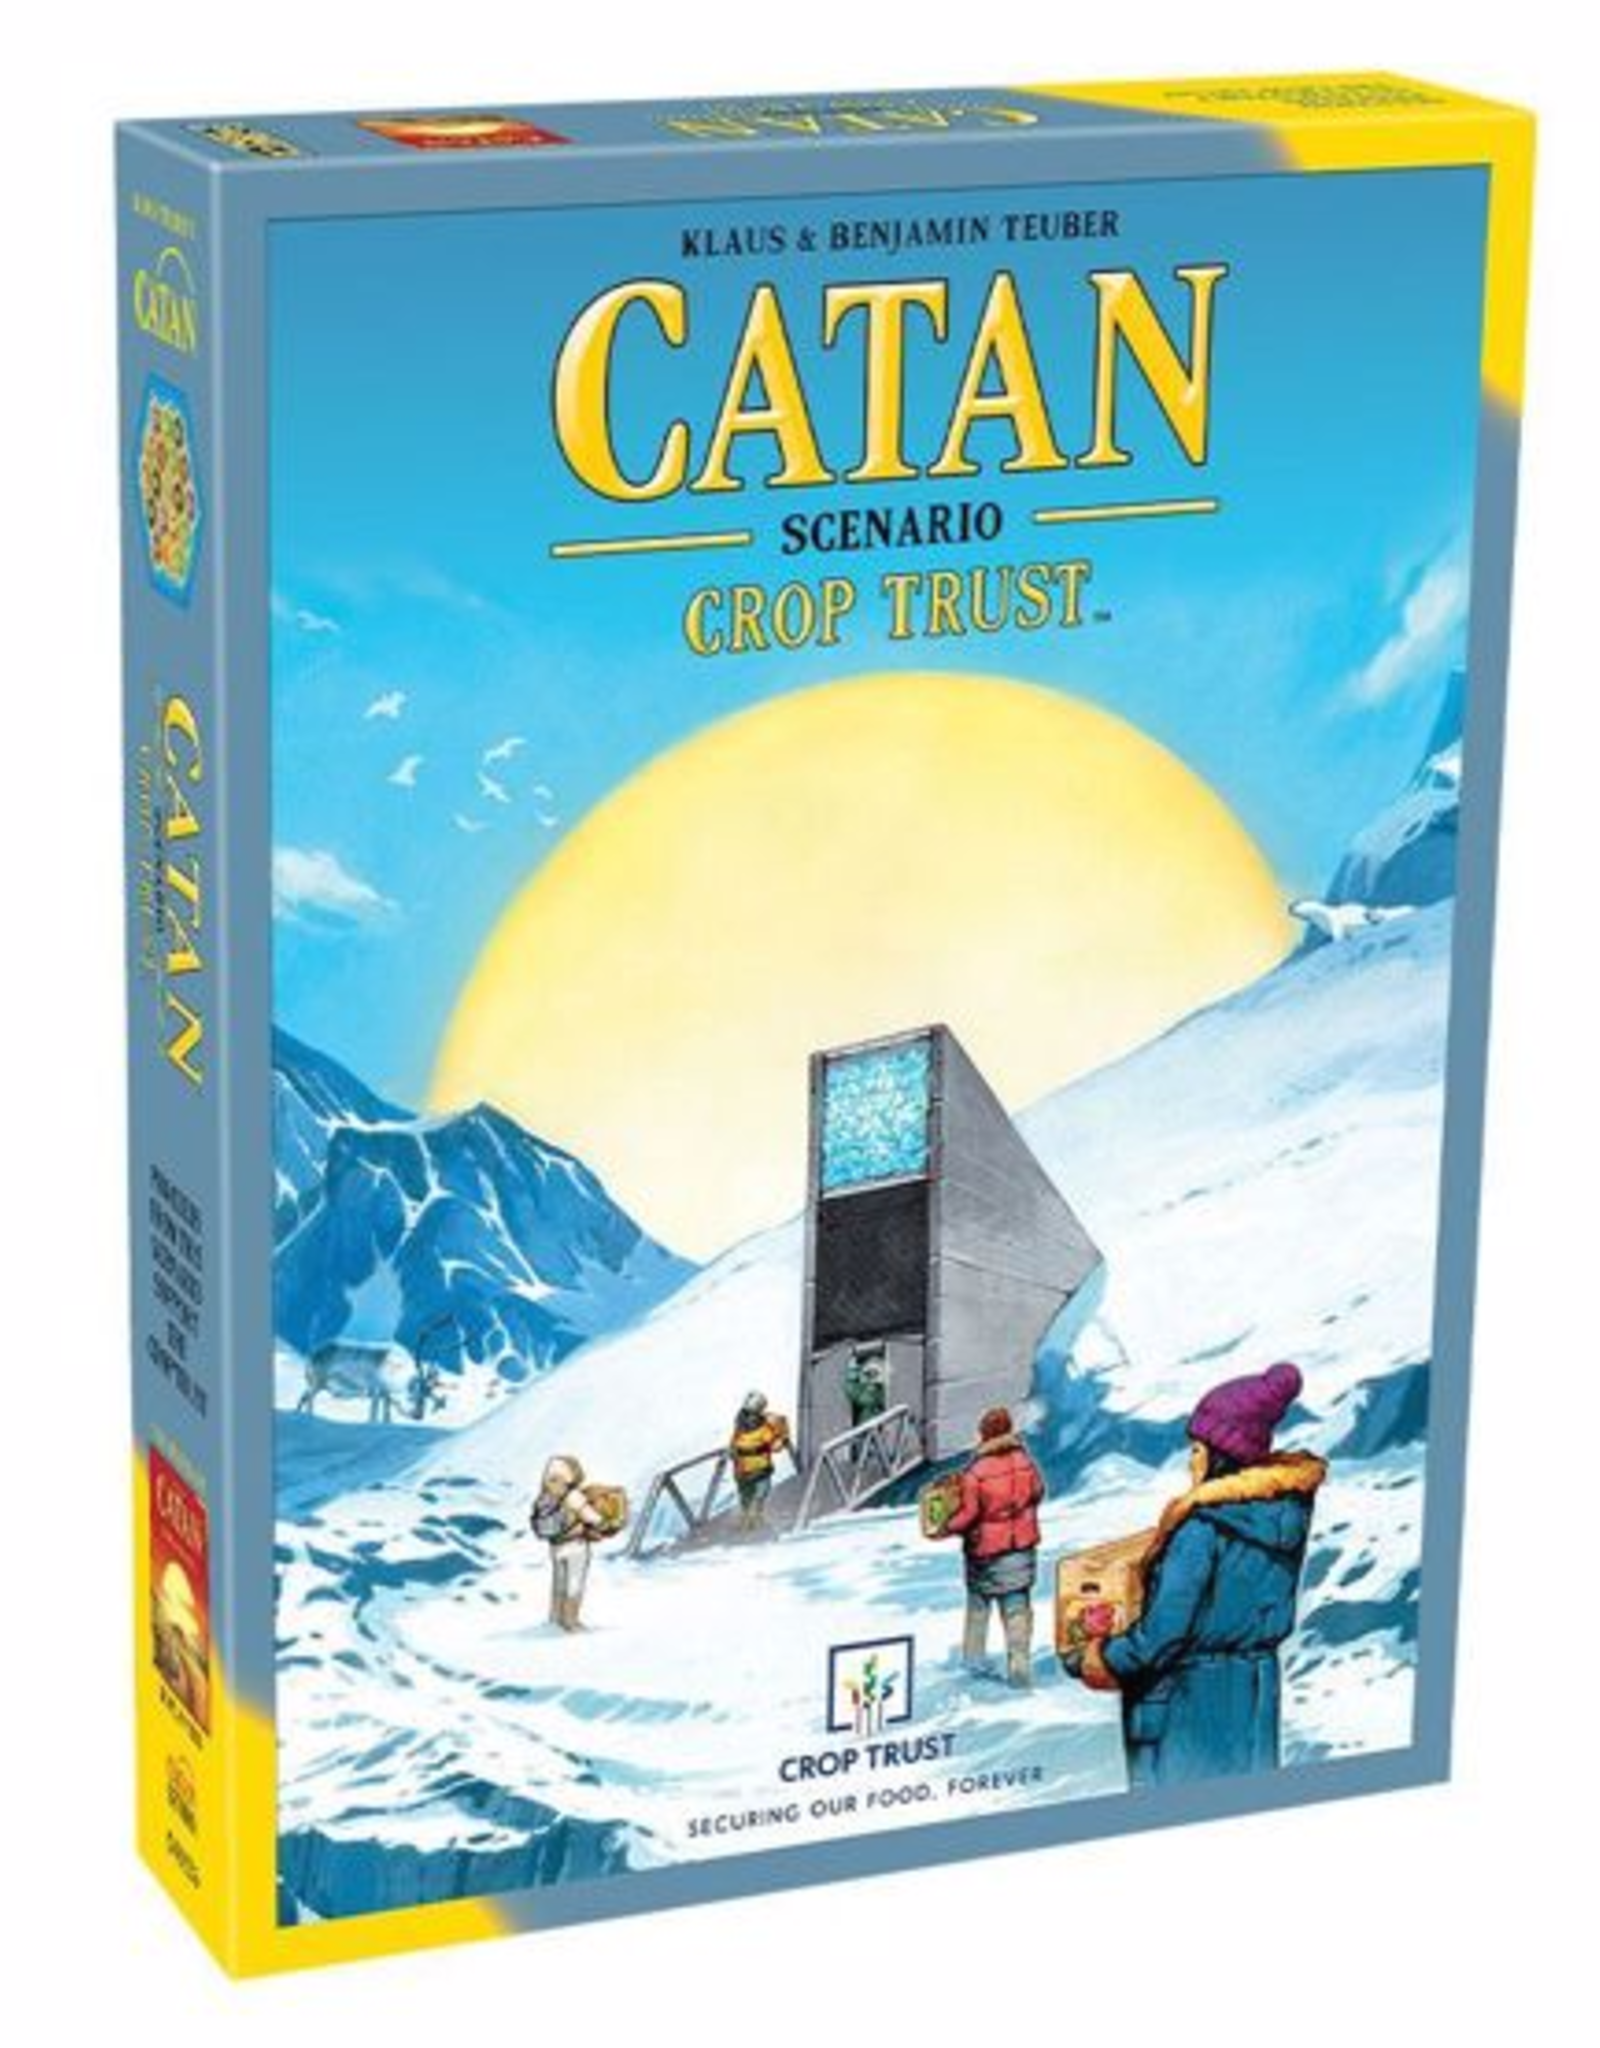 Catan Studio Catan Crop Trust Scenario